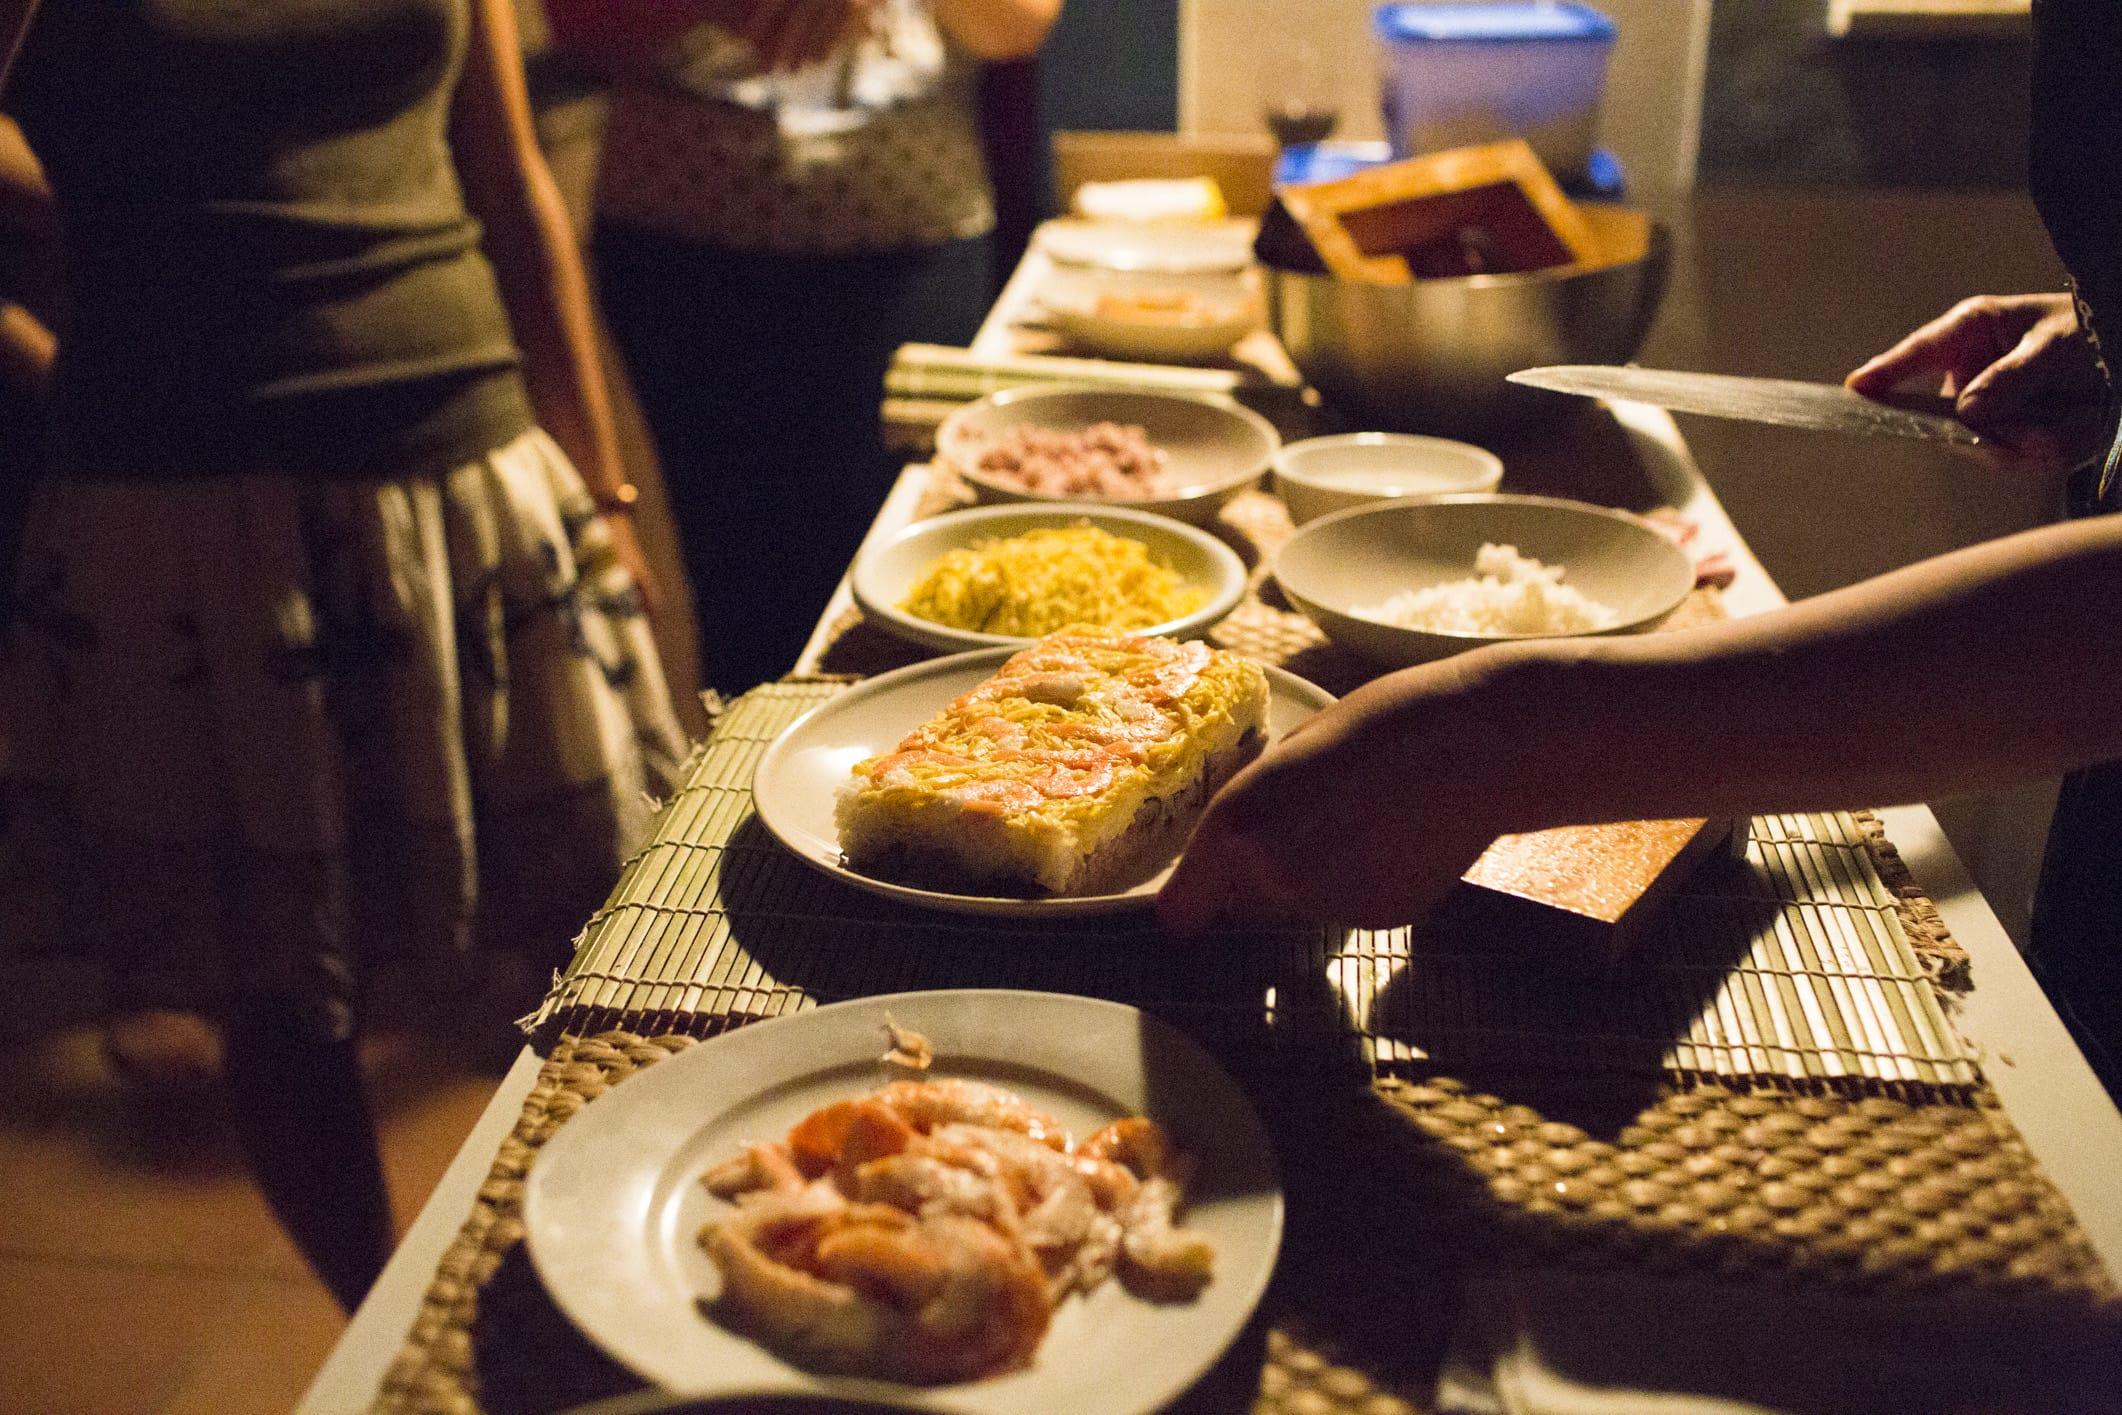 巻き寿司のワークショップ。ワークショップに集まった参加者は日本食に興味津々だったという。